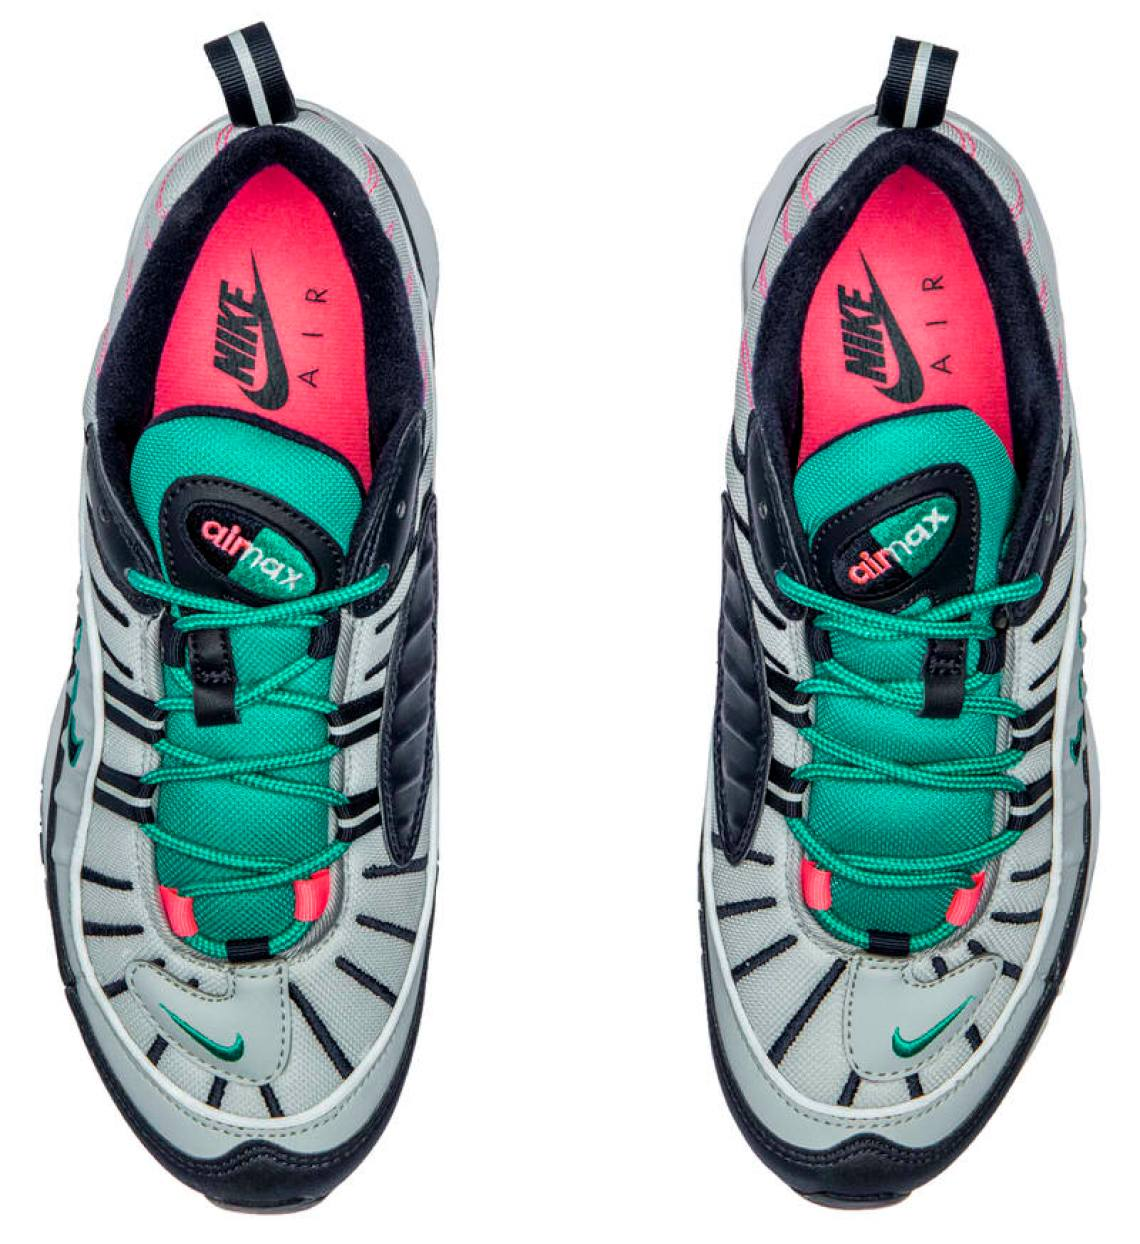 aef5b7d0f7 Nike Air Max 98